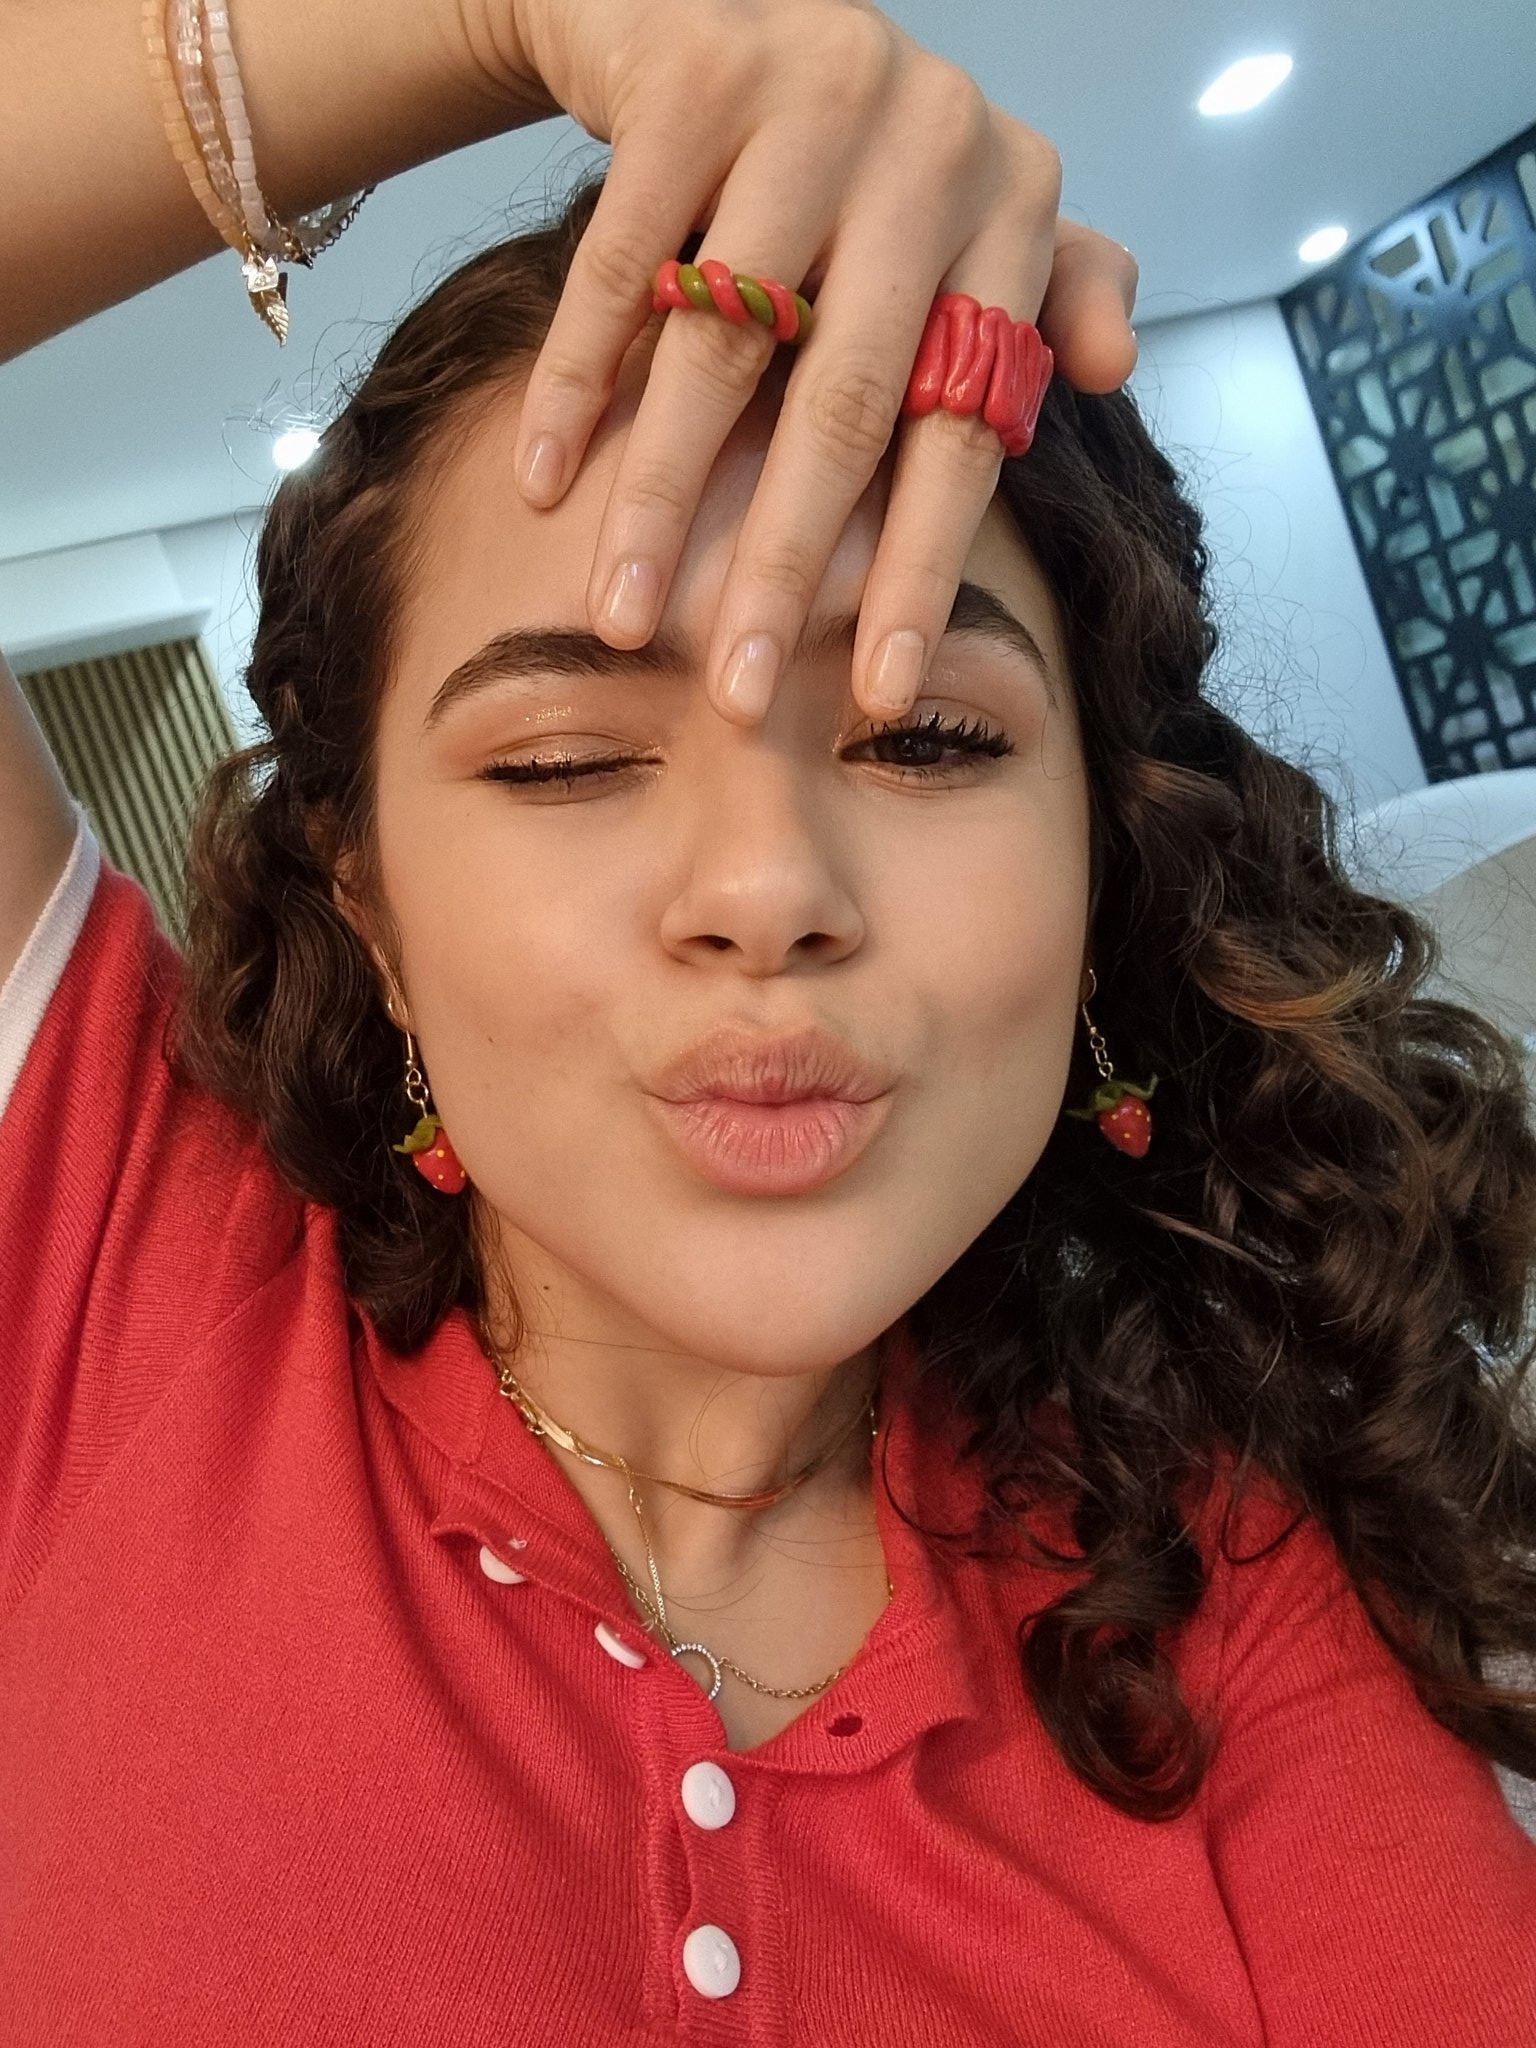 Maisa Silva com um dos olhos fechados, fazendo biquinho, usando blusa vermelha e uma das mãos na testa com anéis vermelhos nos dedos